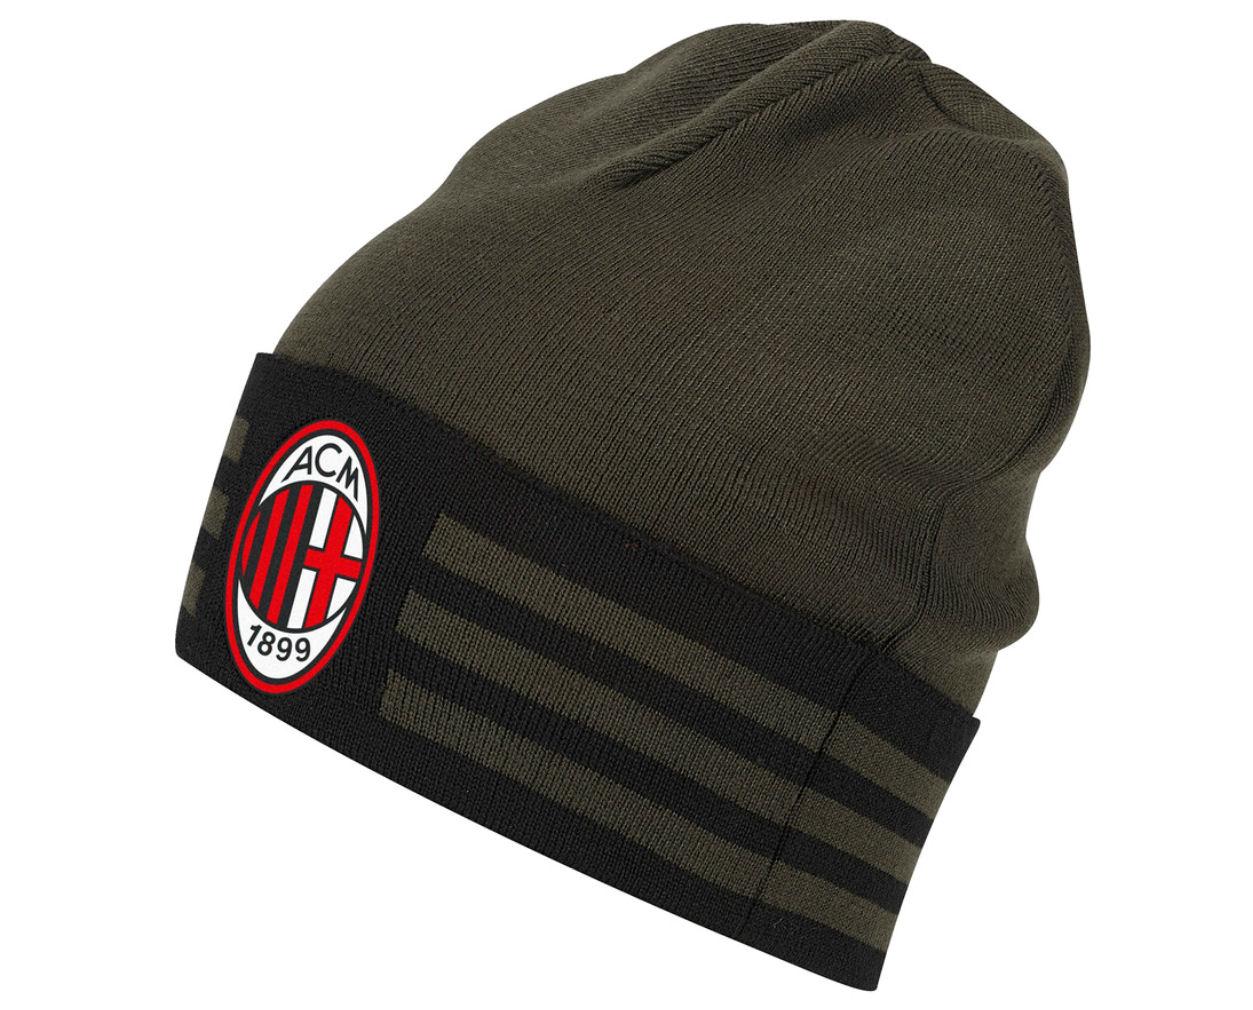 20162017 AC Milan Adidas 3S Woolie Hat (Night Cargo)